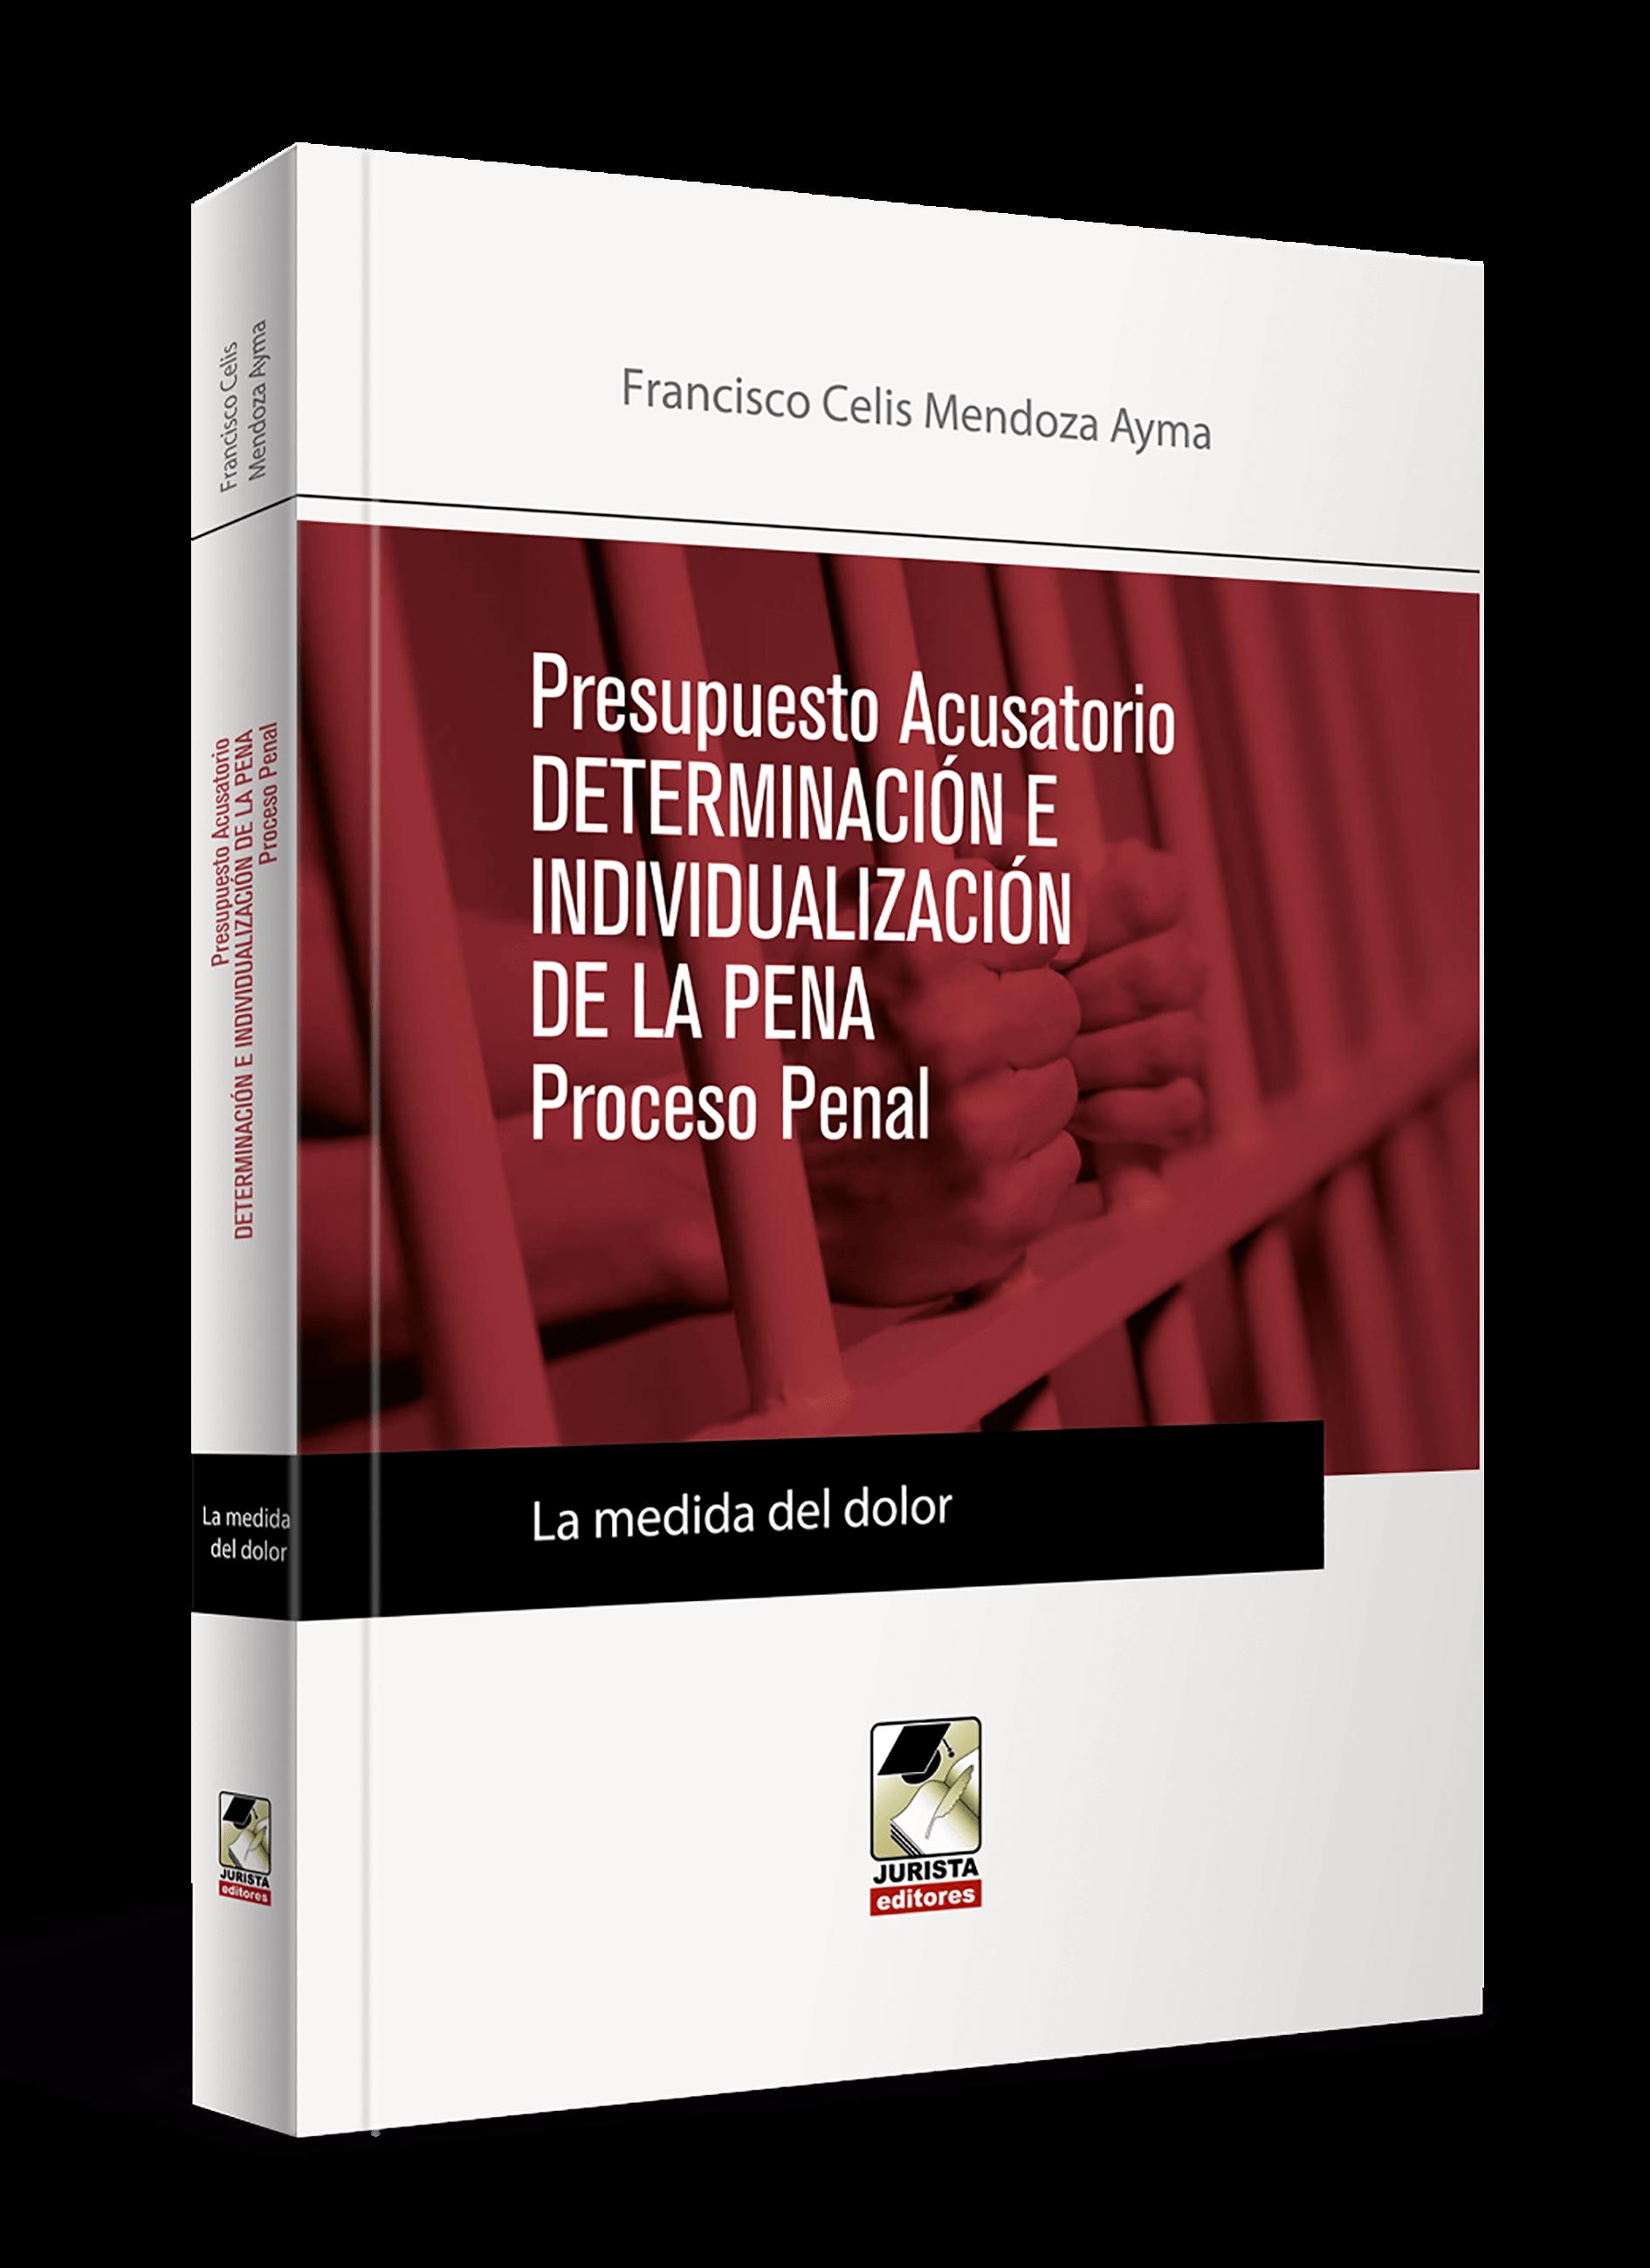 Presupuesto Acusatorio Determinación e Individualización de la Pena Procesal Penal